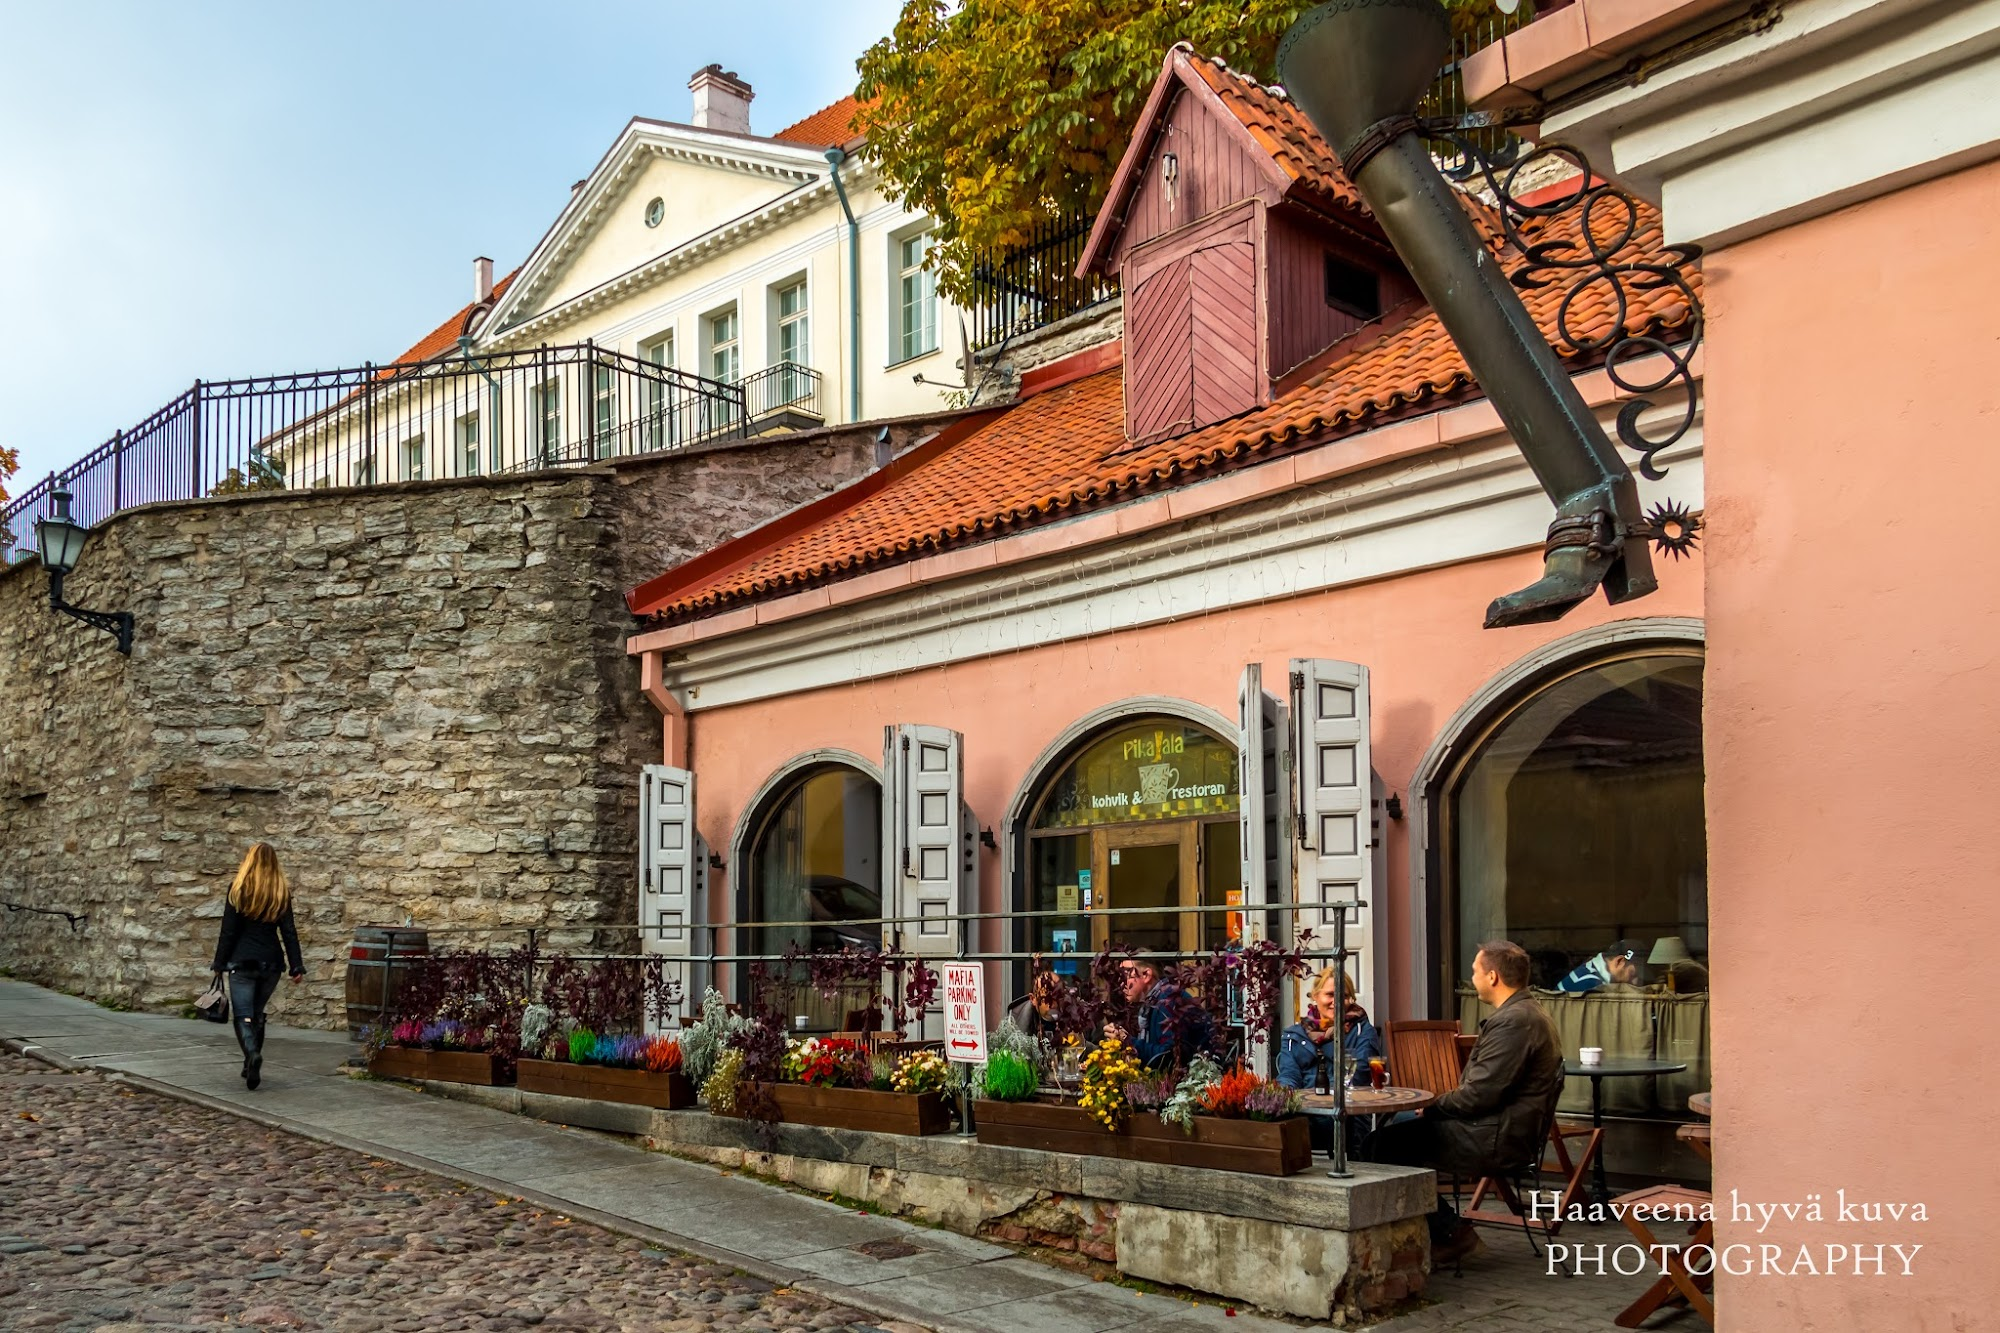 Laukut Tallinnasta : Haaveena hyv? kuva vanhassa kaupungissa